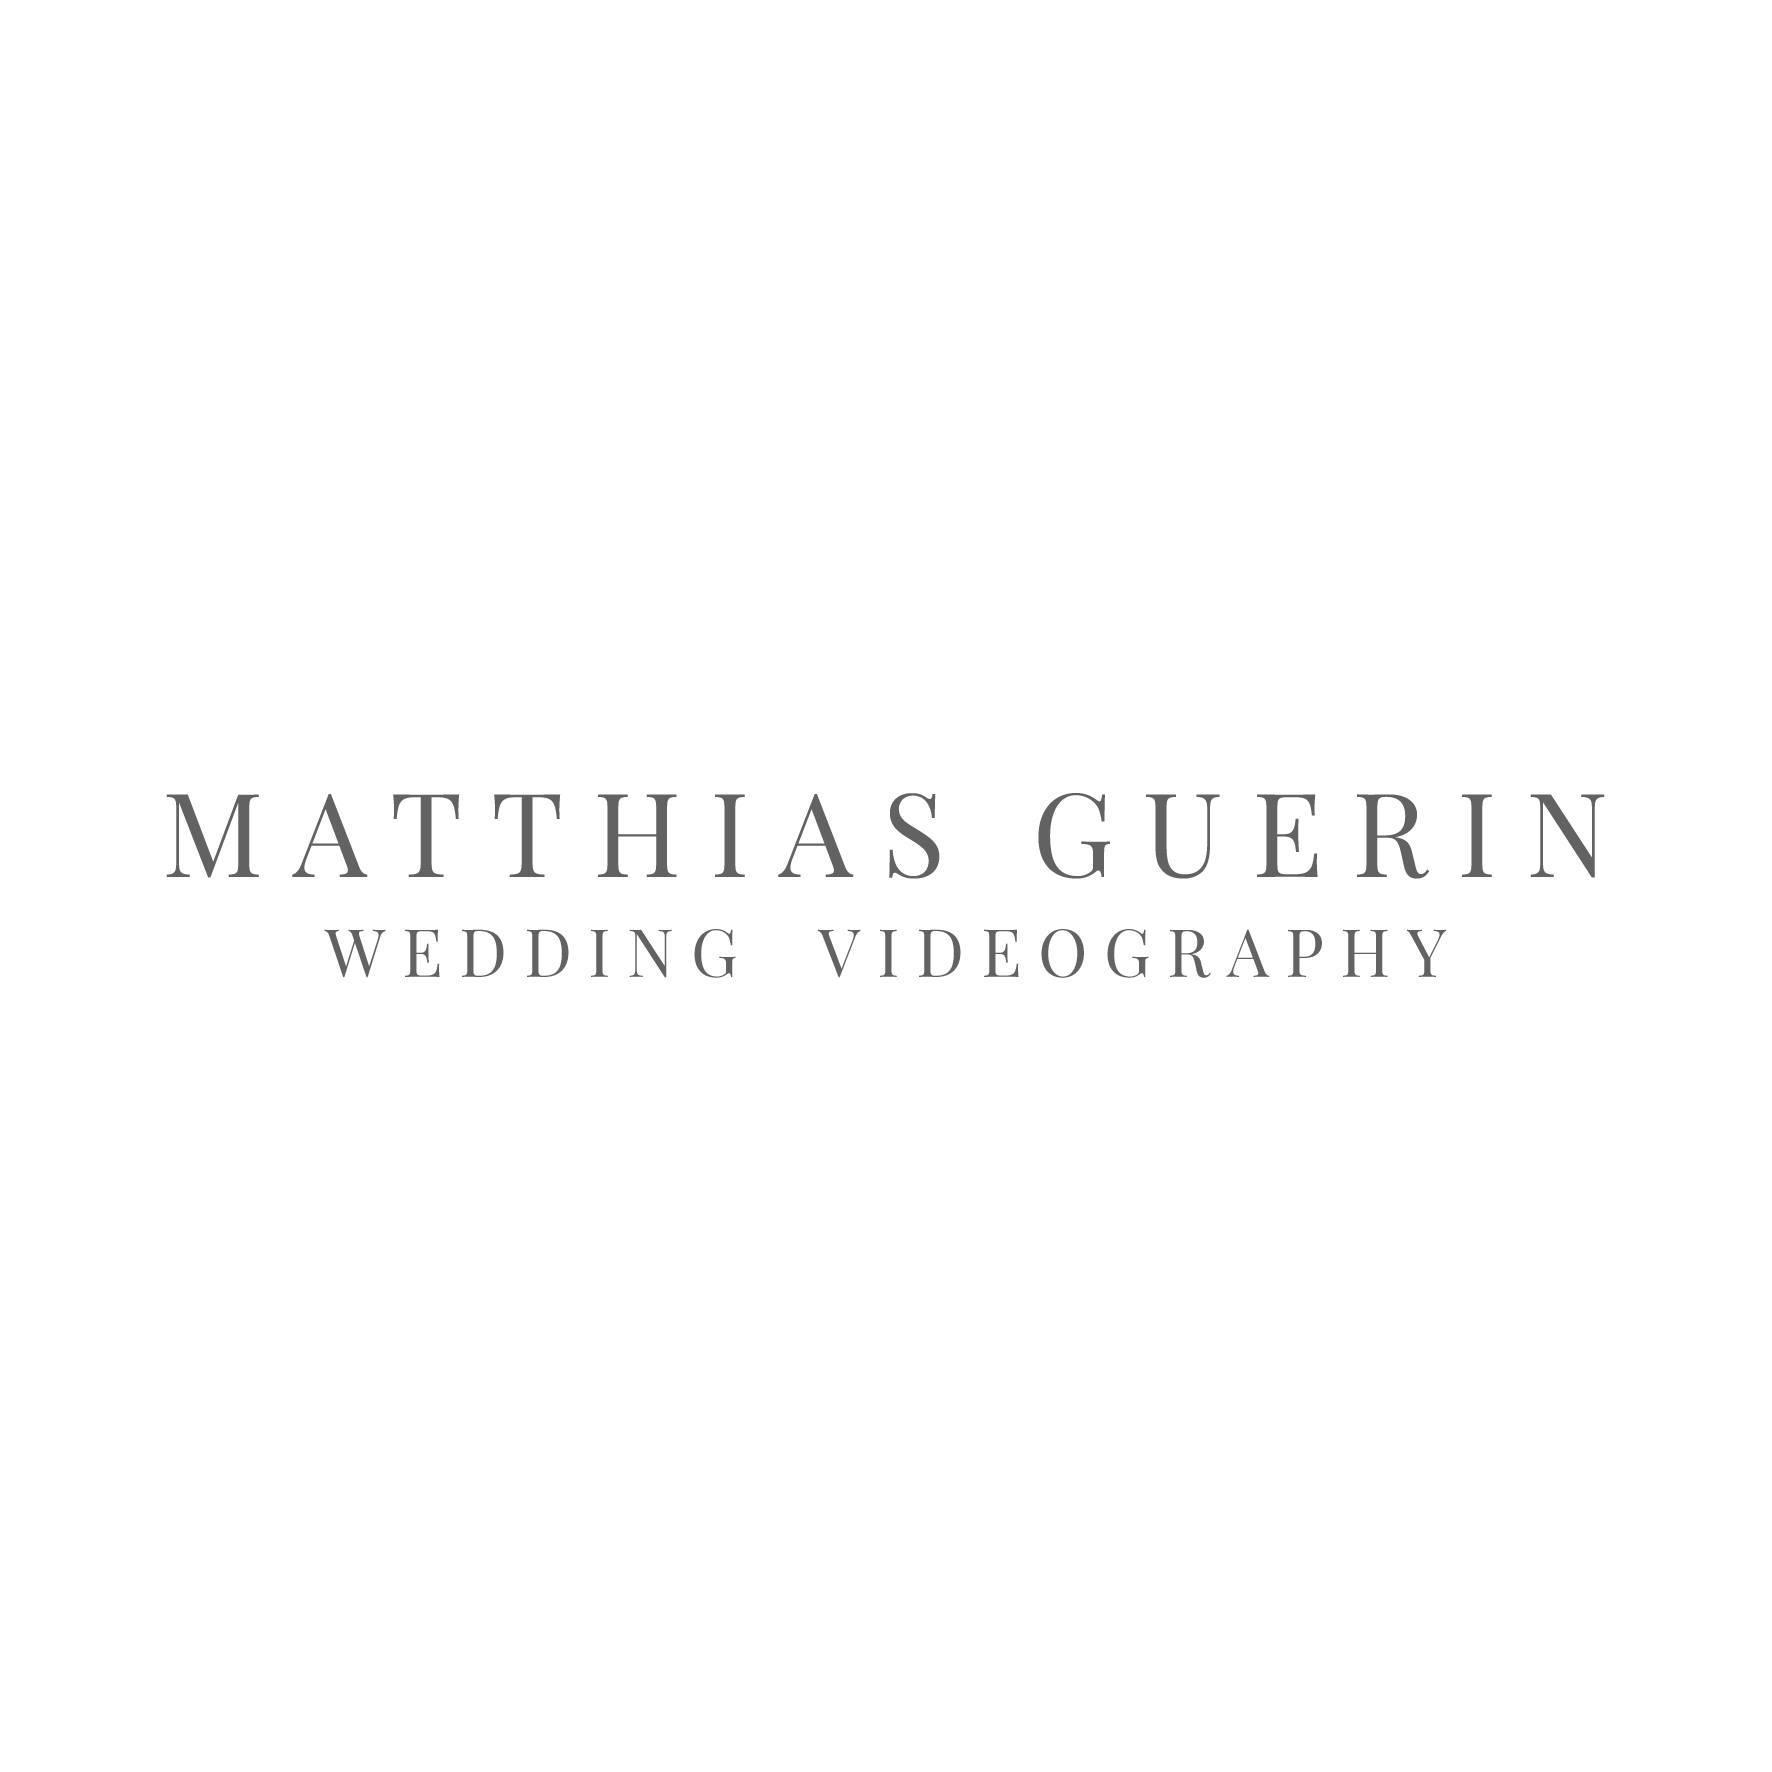 Matthias Guerin wedding videography